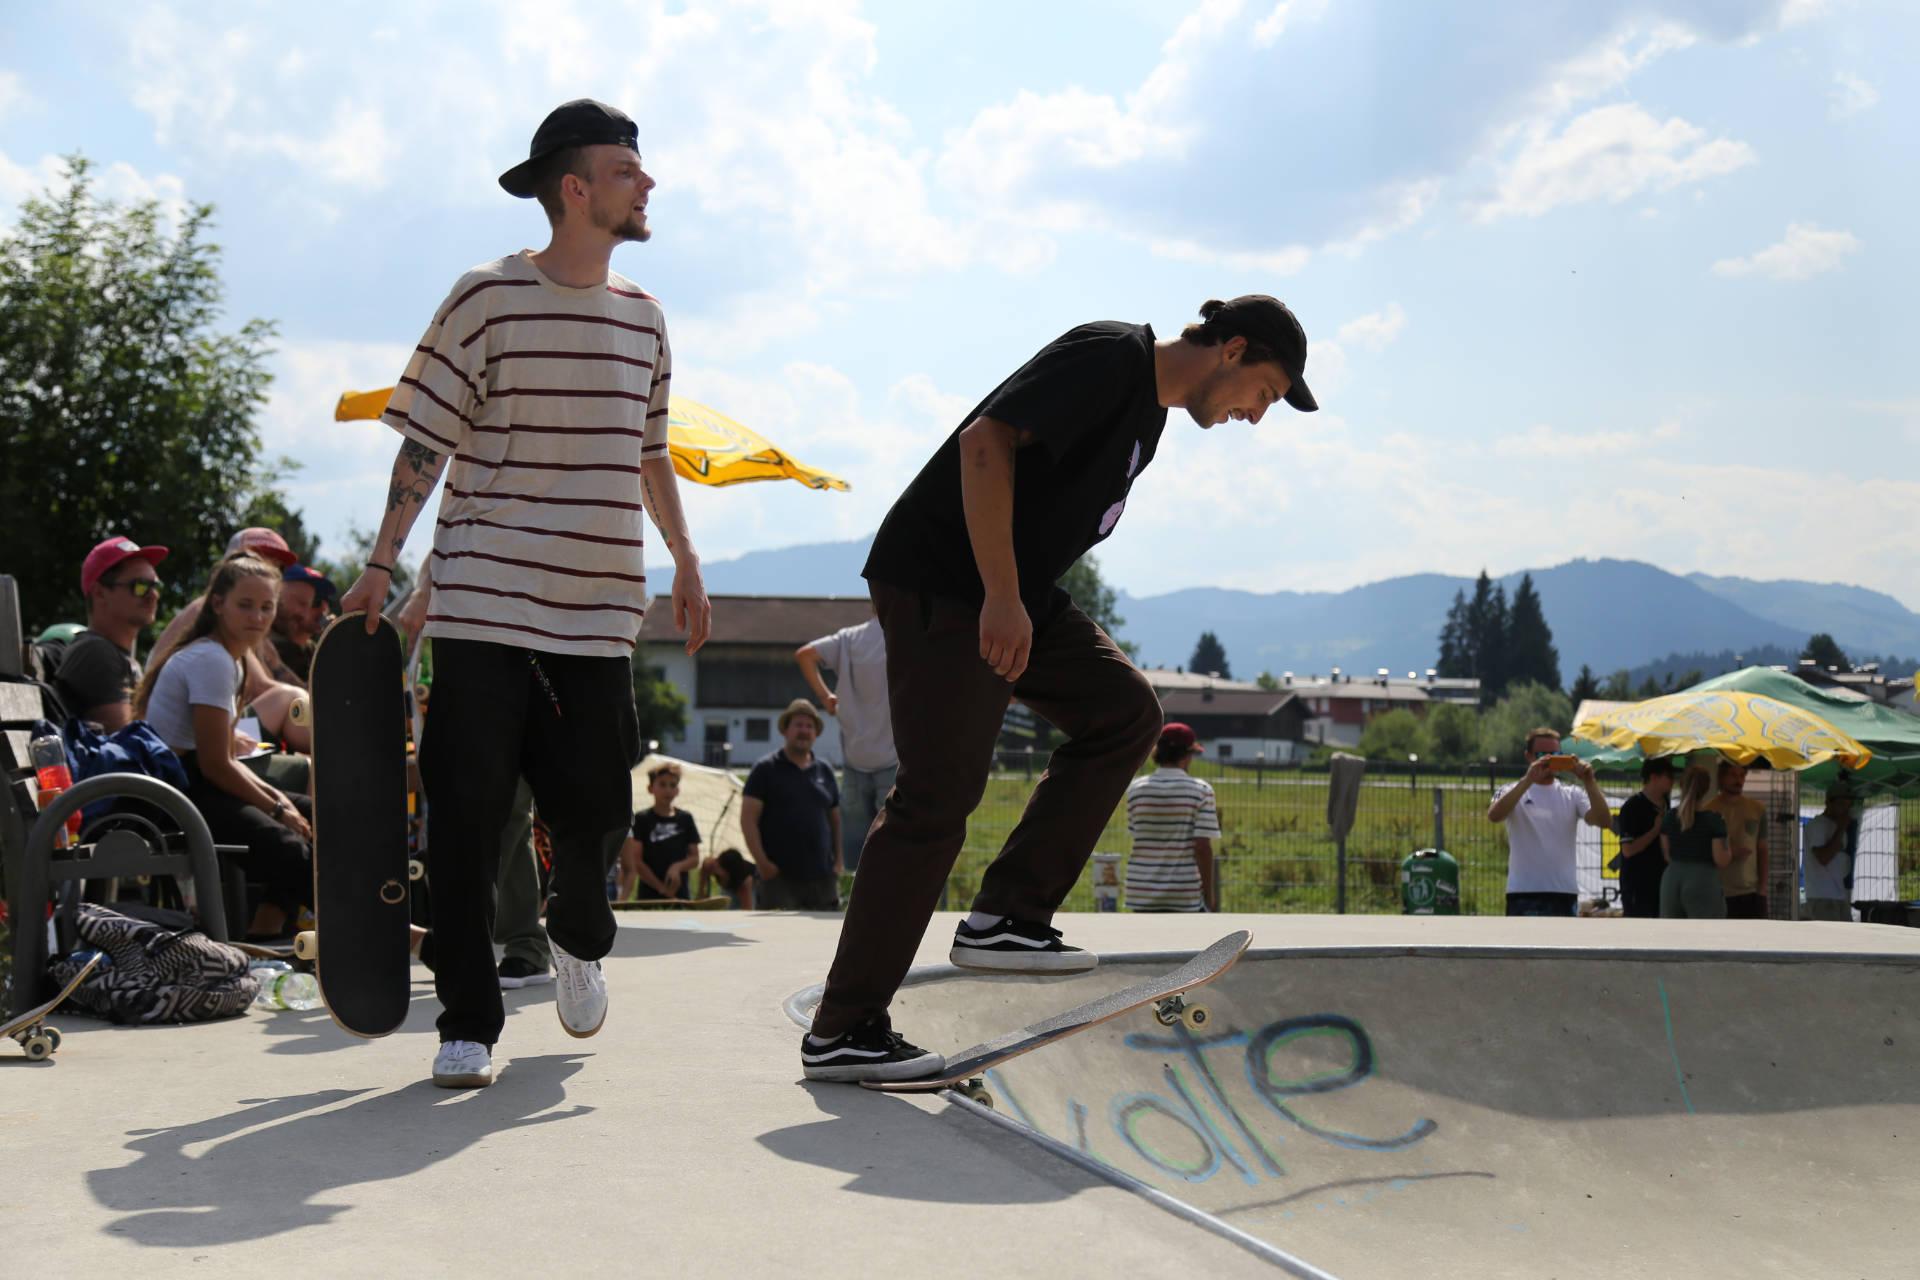 skateboardheadz st johann in tirol kgt 2019 finale 00144